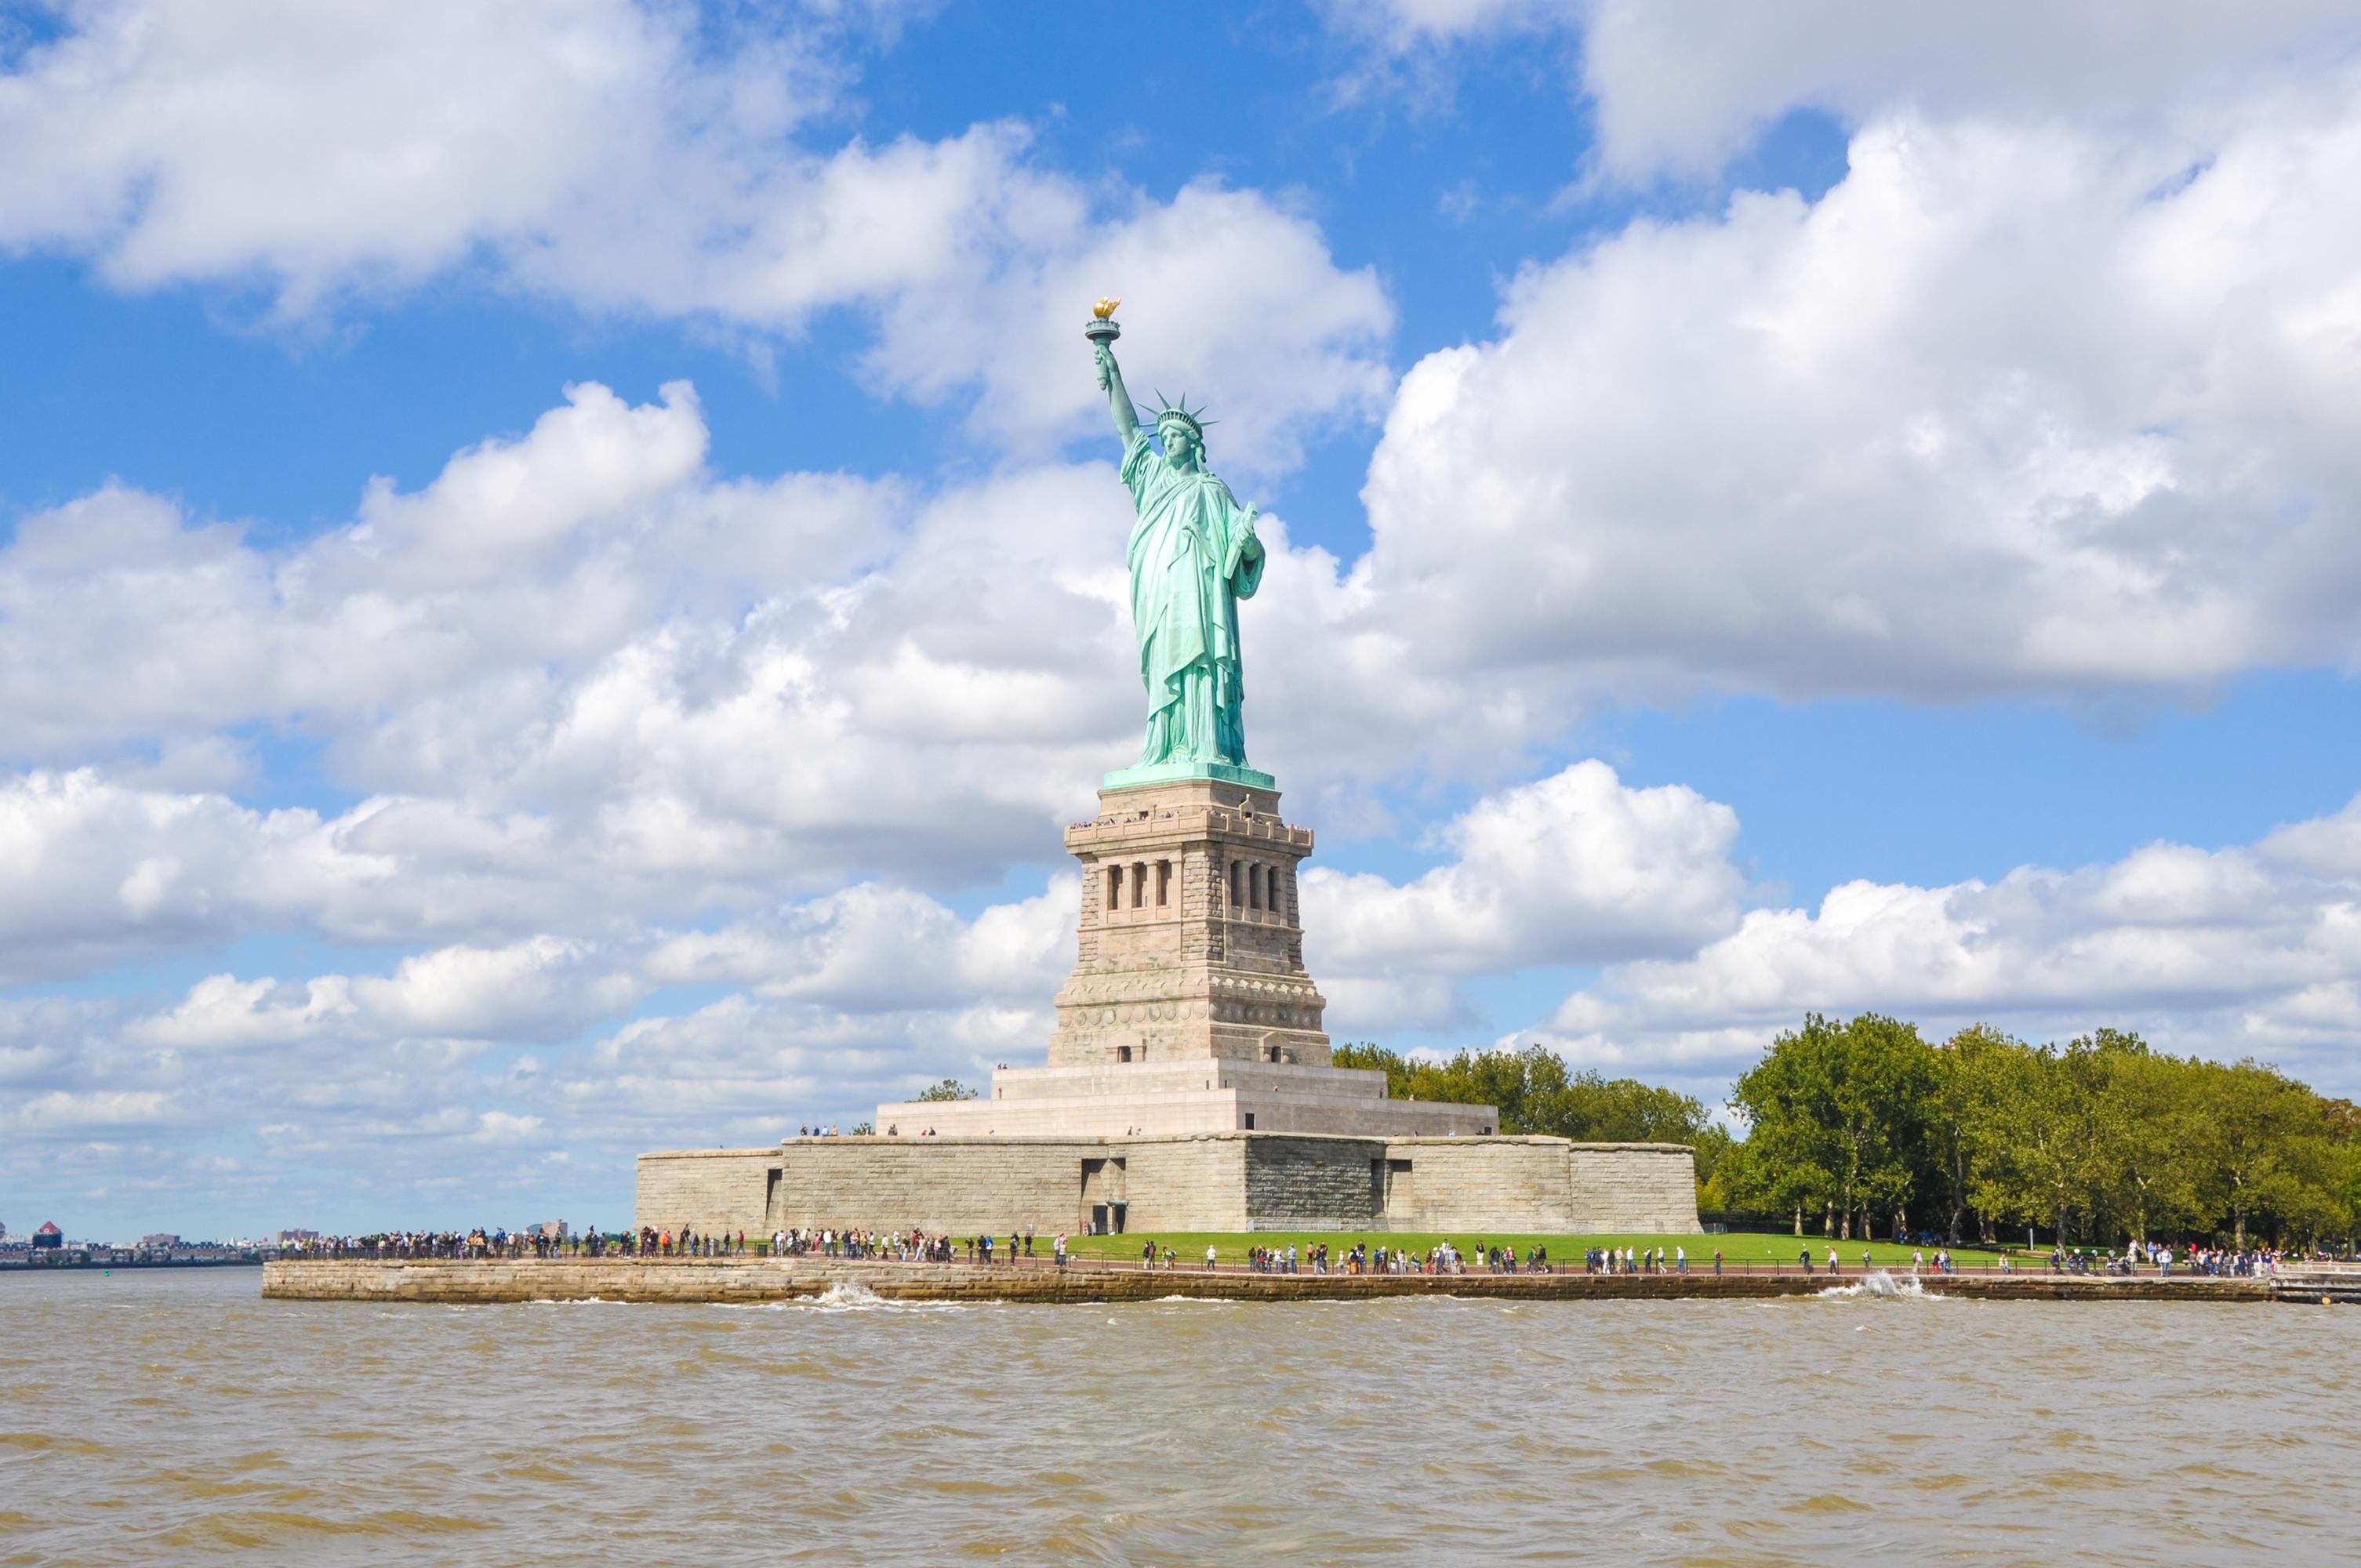 紐約帝國大廈+自由女神像巡航+可選大都會等多線路一日遊(門票全含/保證成行/天天發團)